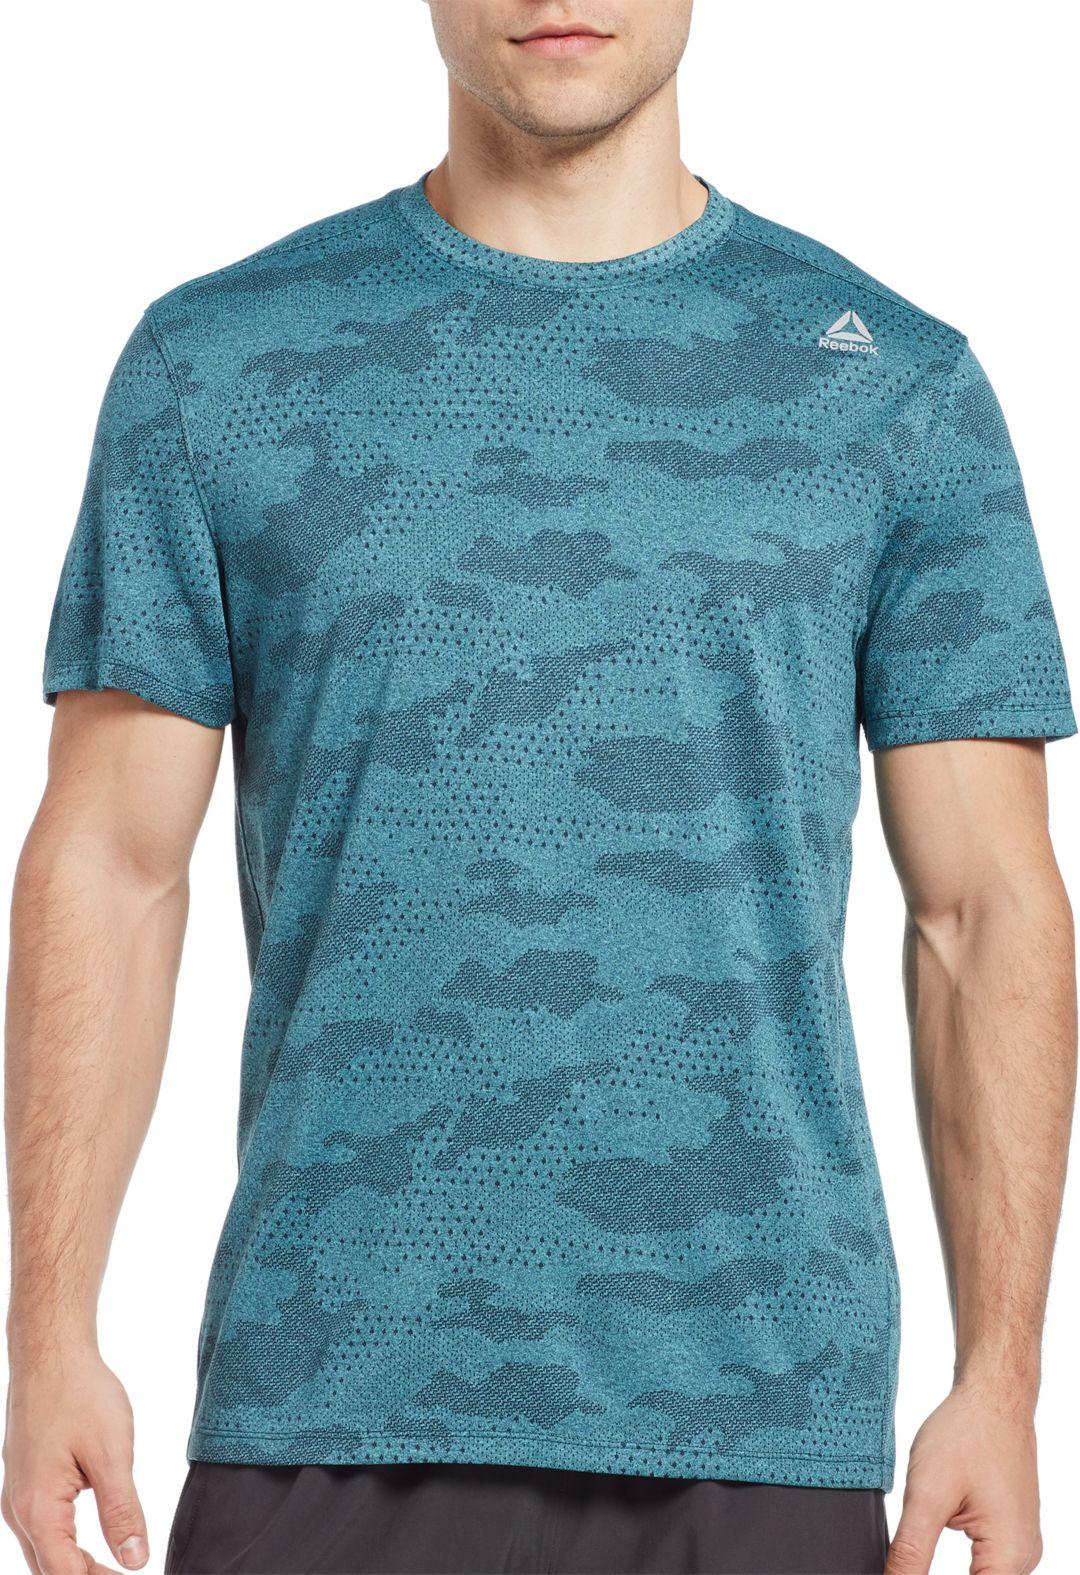 Reebok herren Kleidung Shirts Schauen Sie Sich Alle Arten